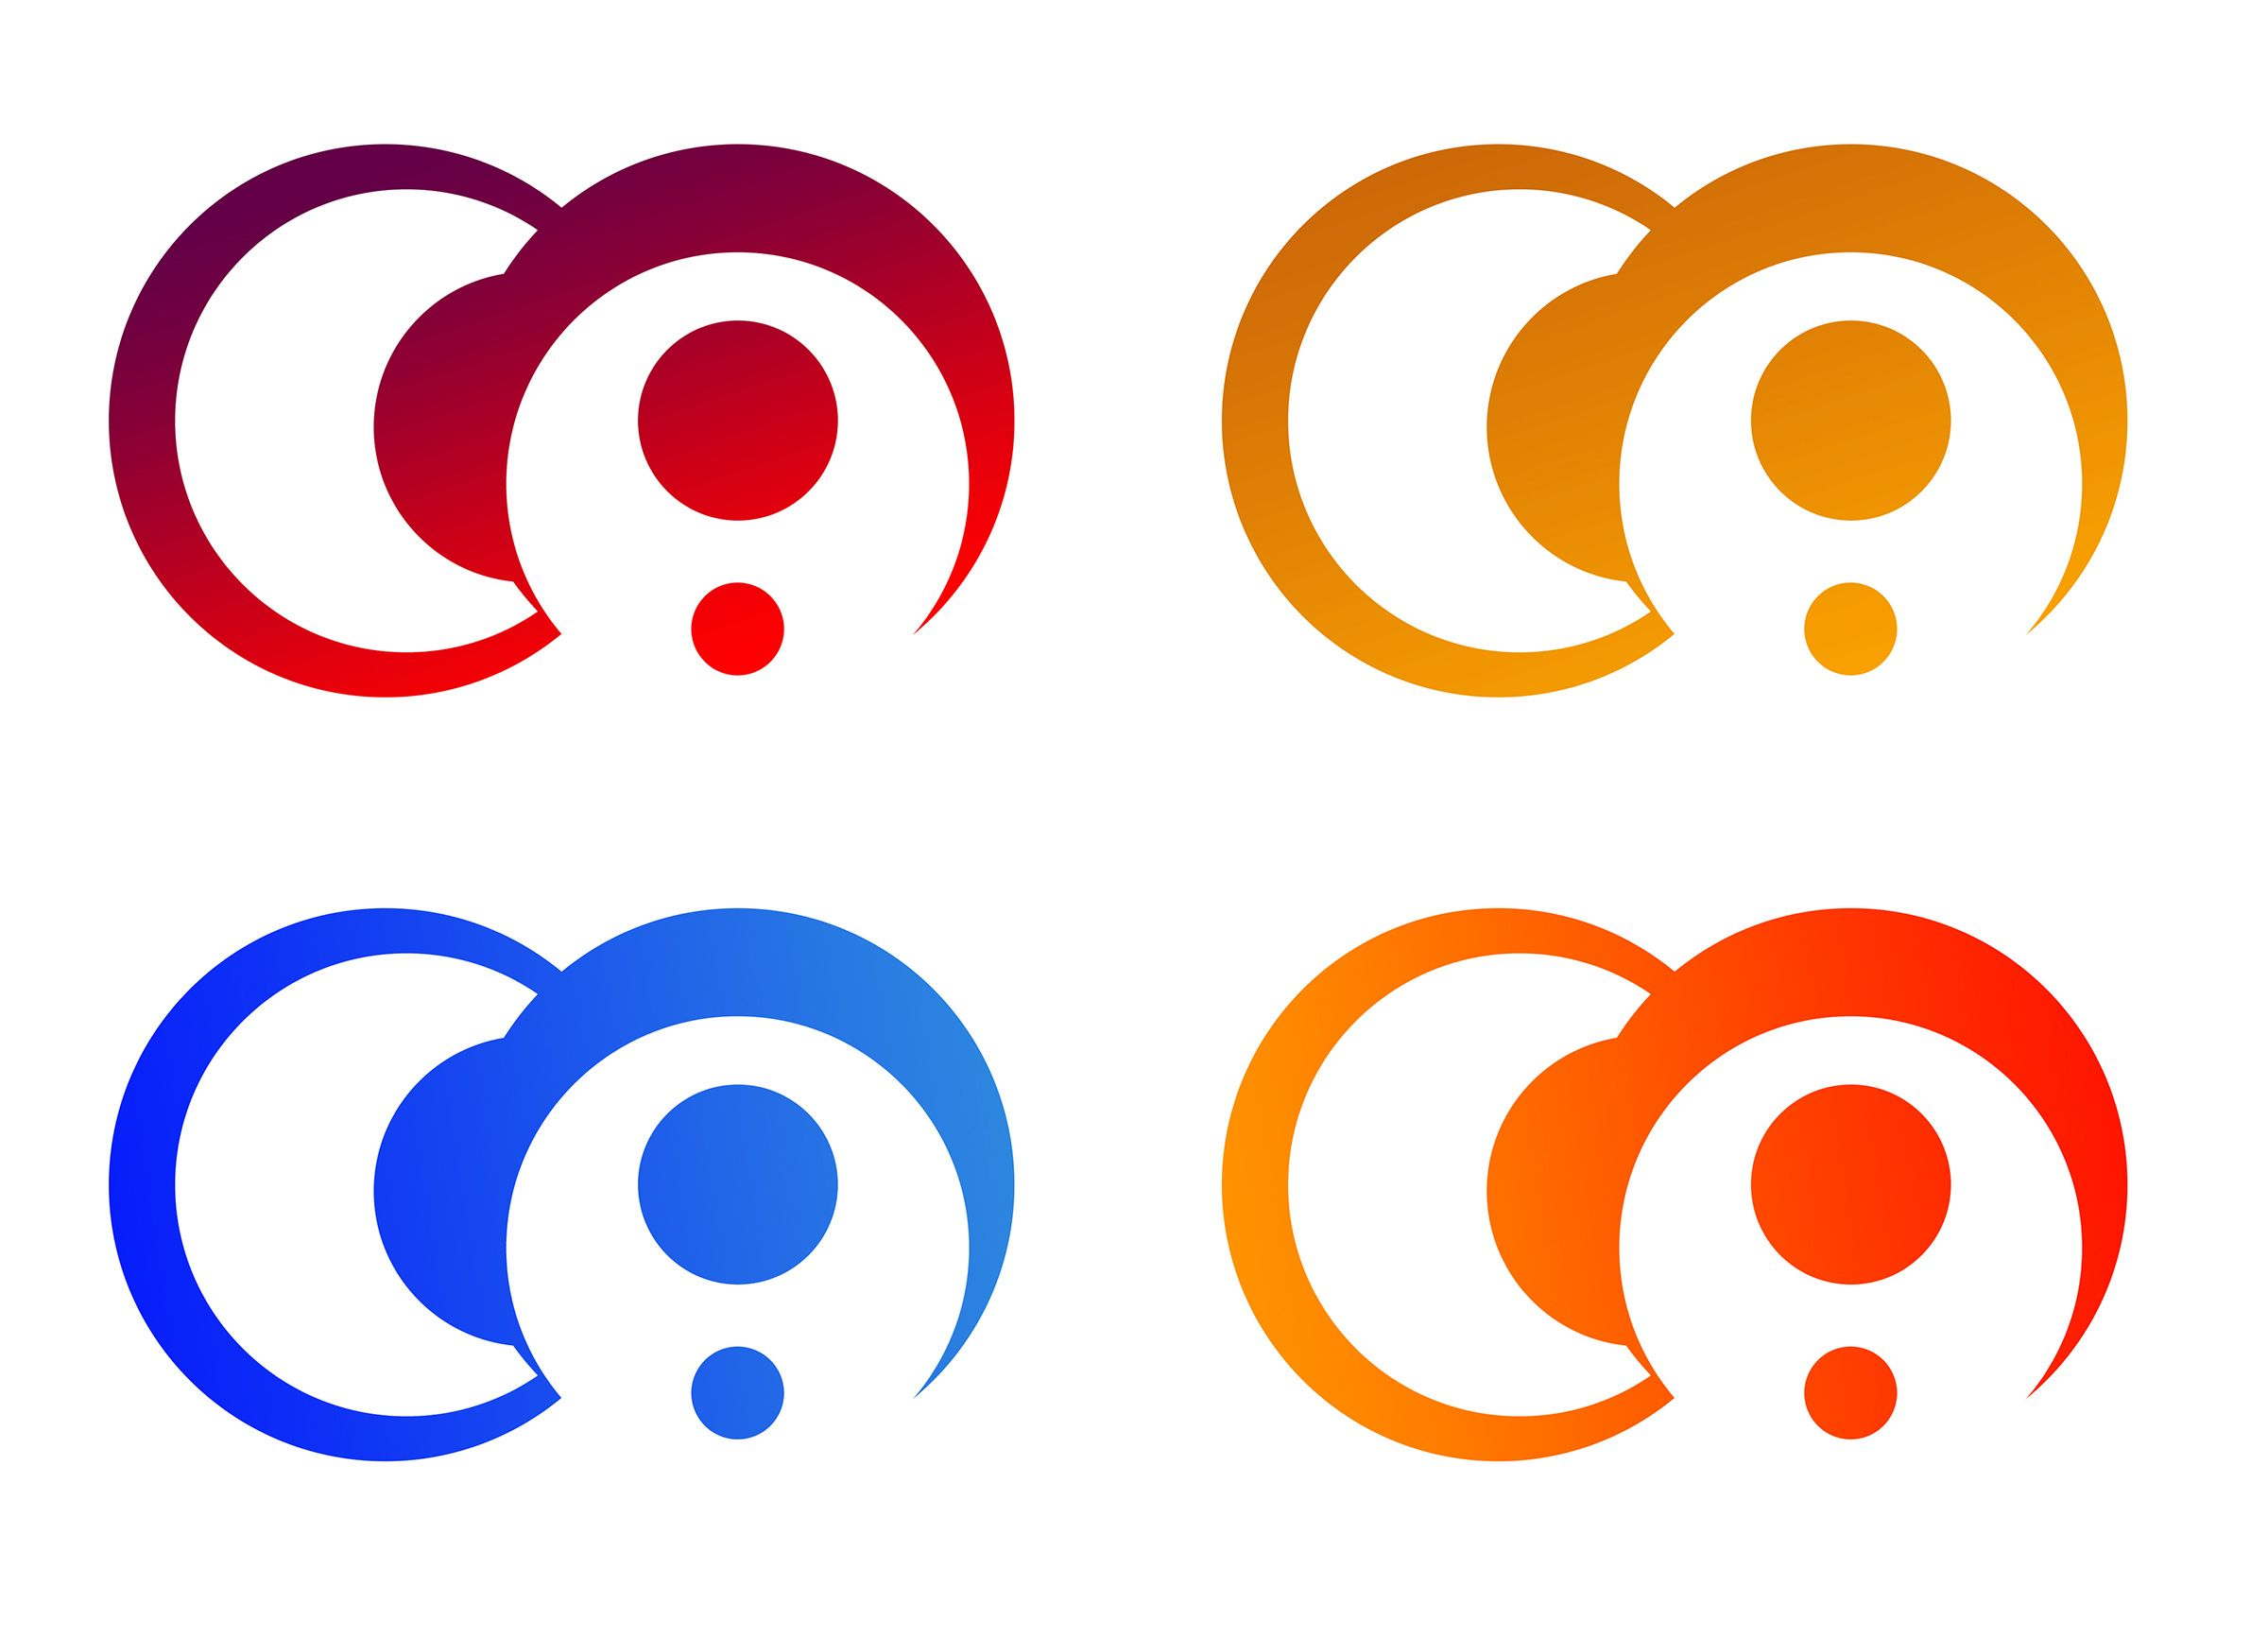 Логотип для компании Centos-admin.ru - дизайнер IlyaBo